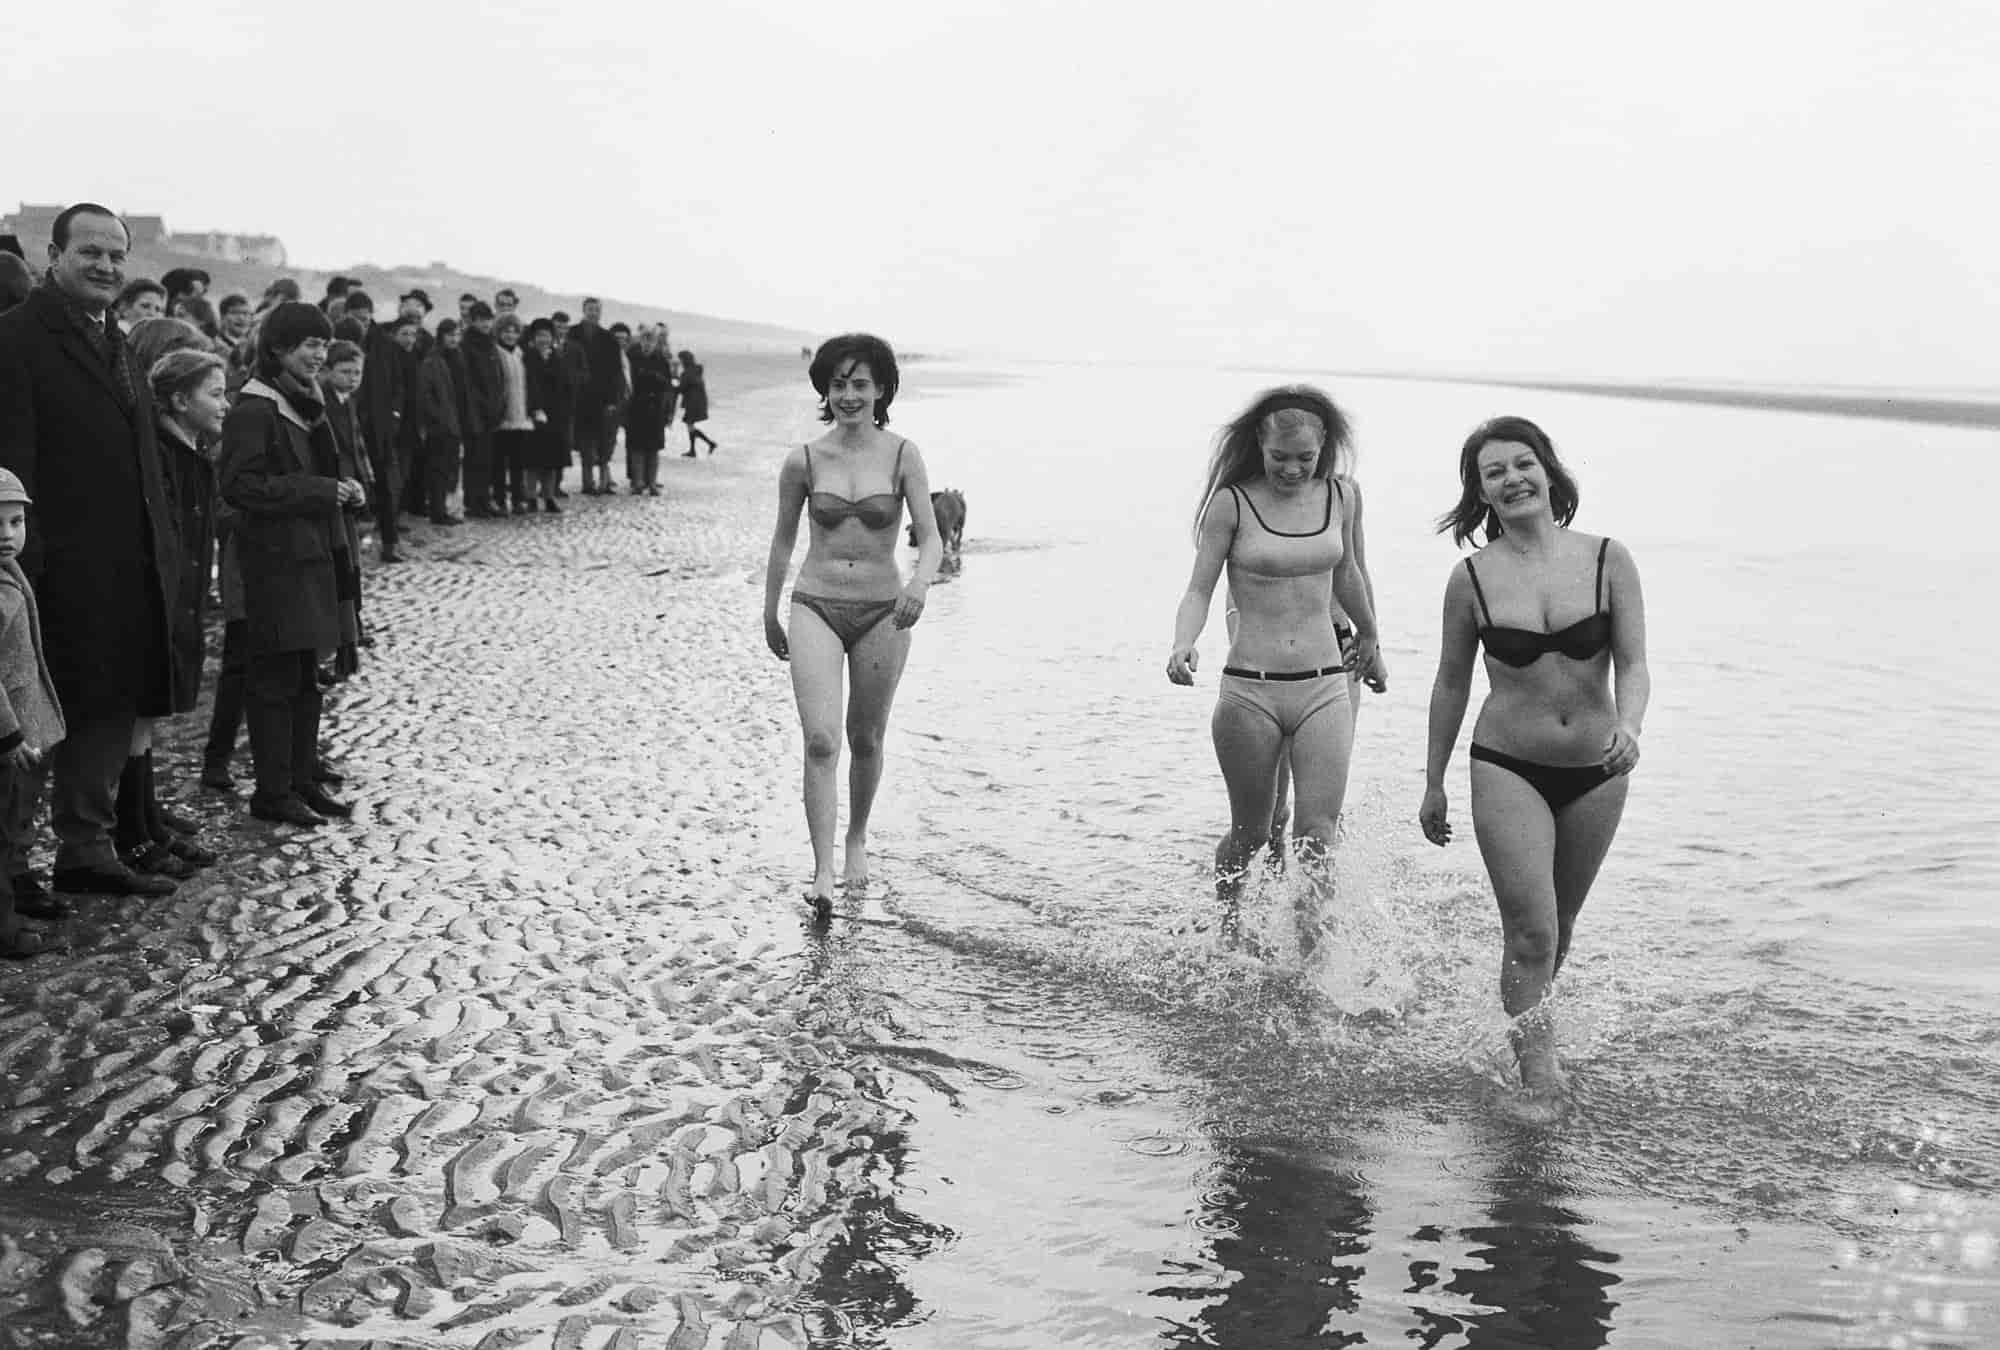 Histoire du bikini, Marilyn Monroe dans les années 1940